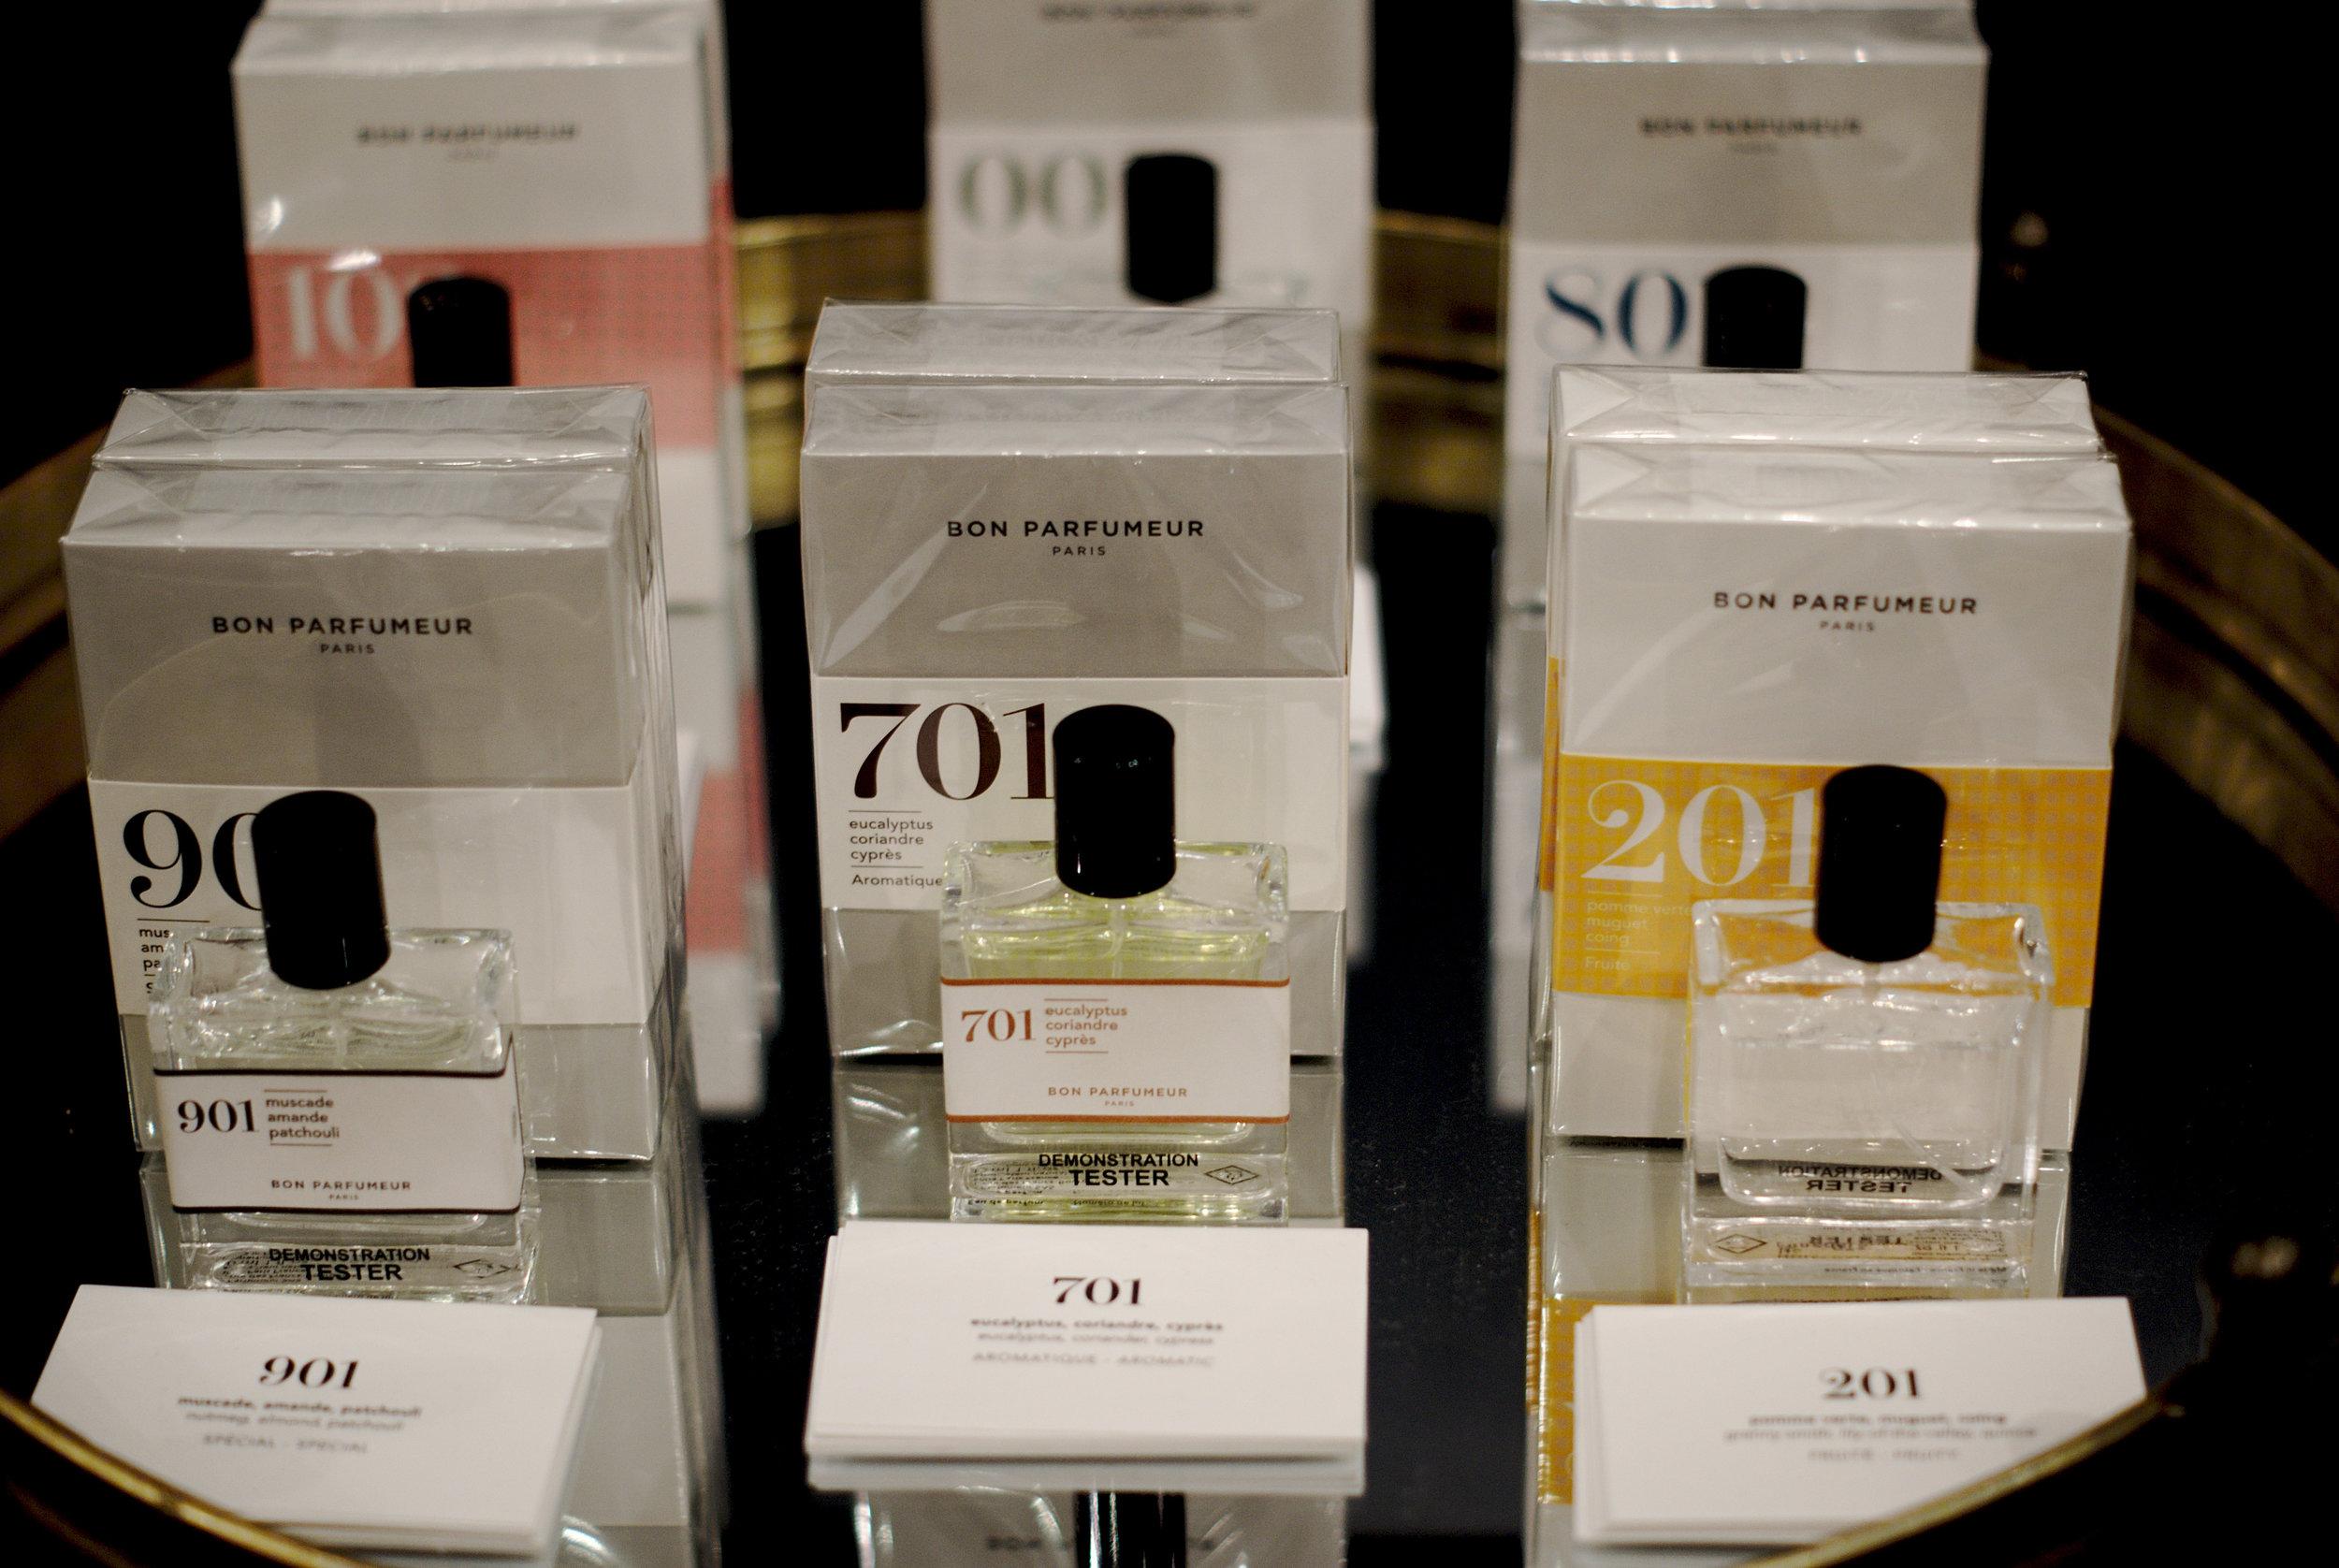 ONE40 bon parfumeur.jpg